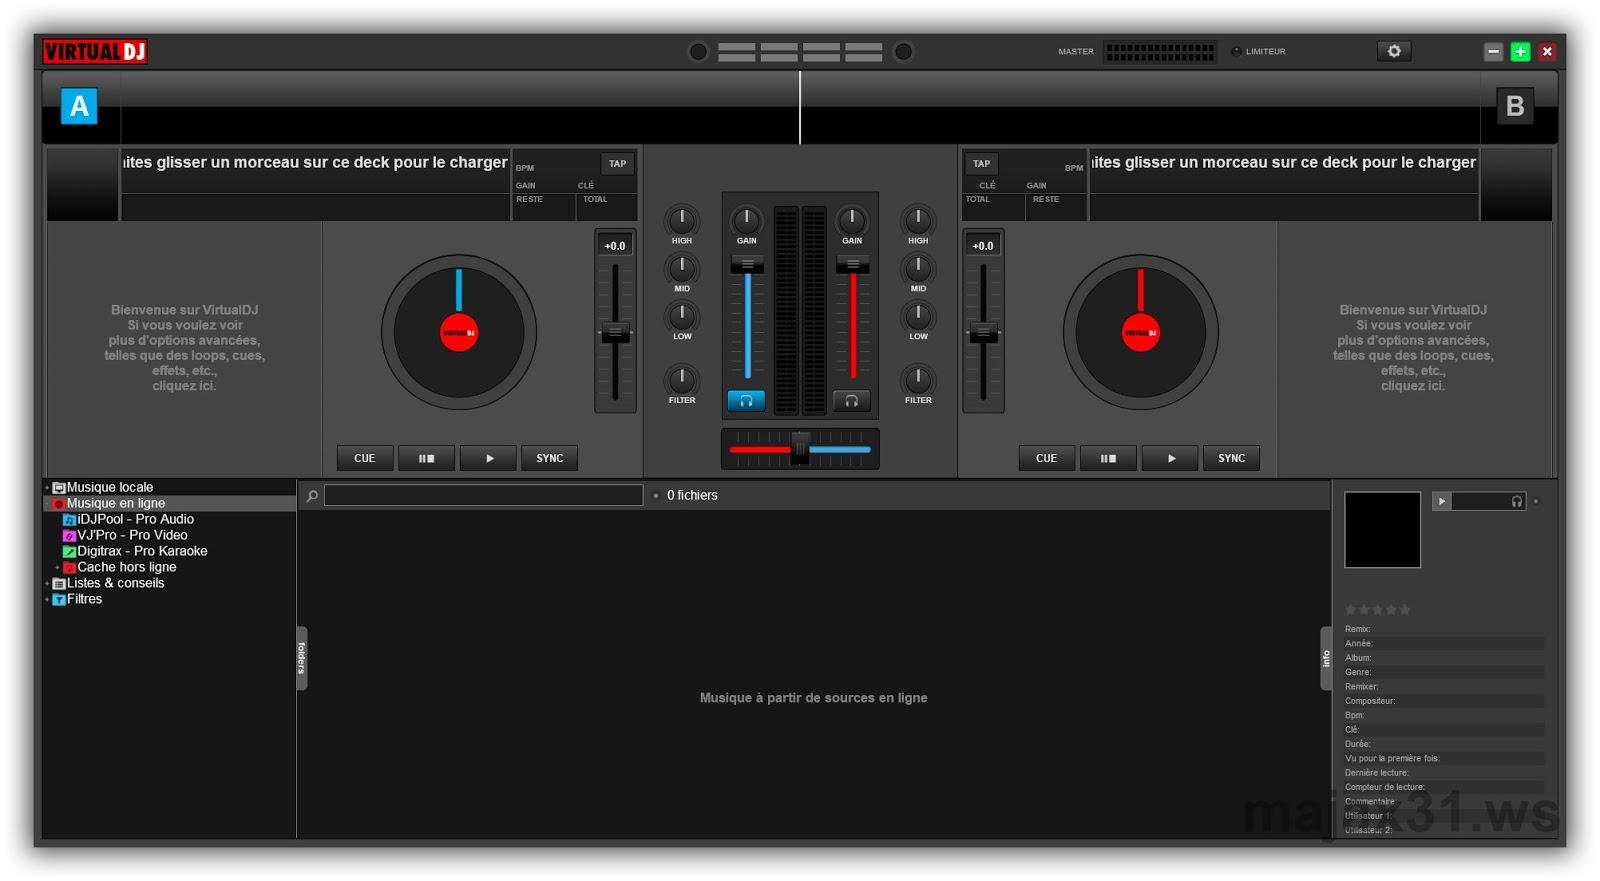 telecharger virtual dj pro